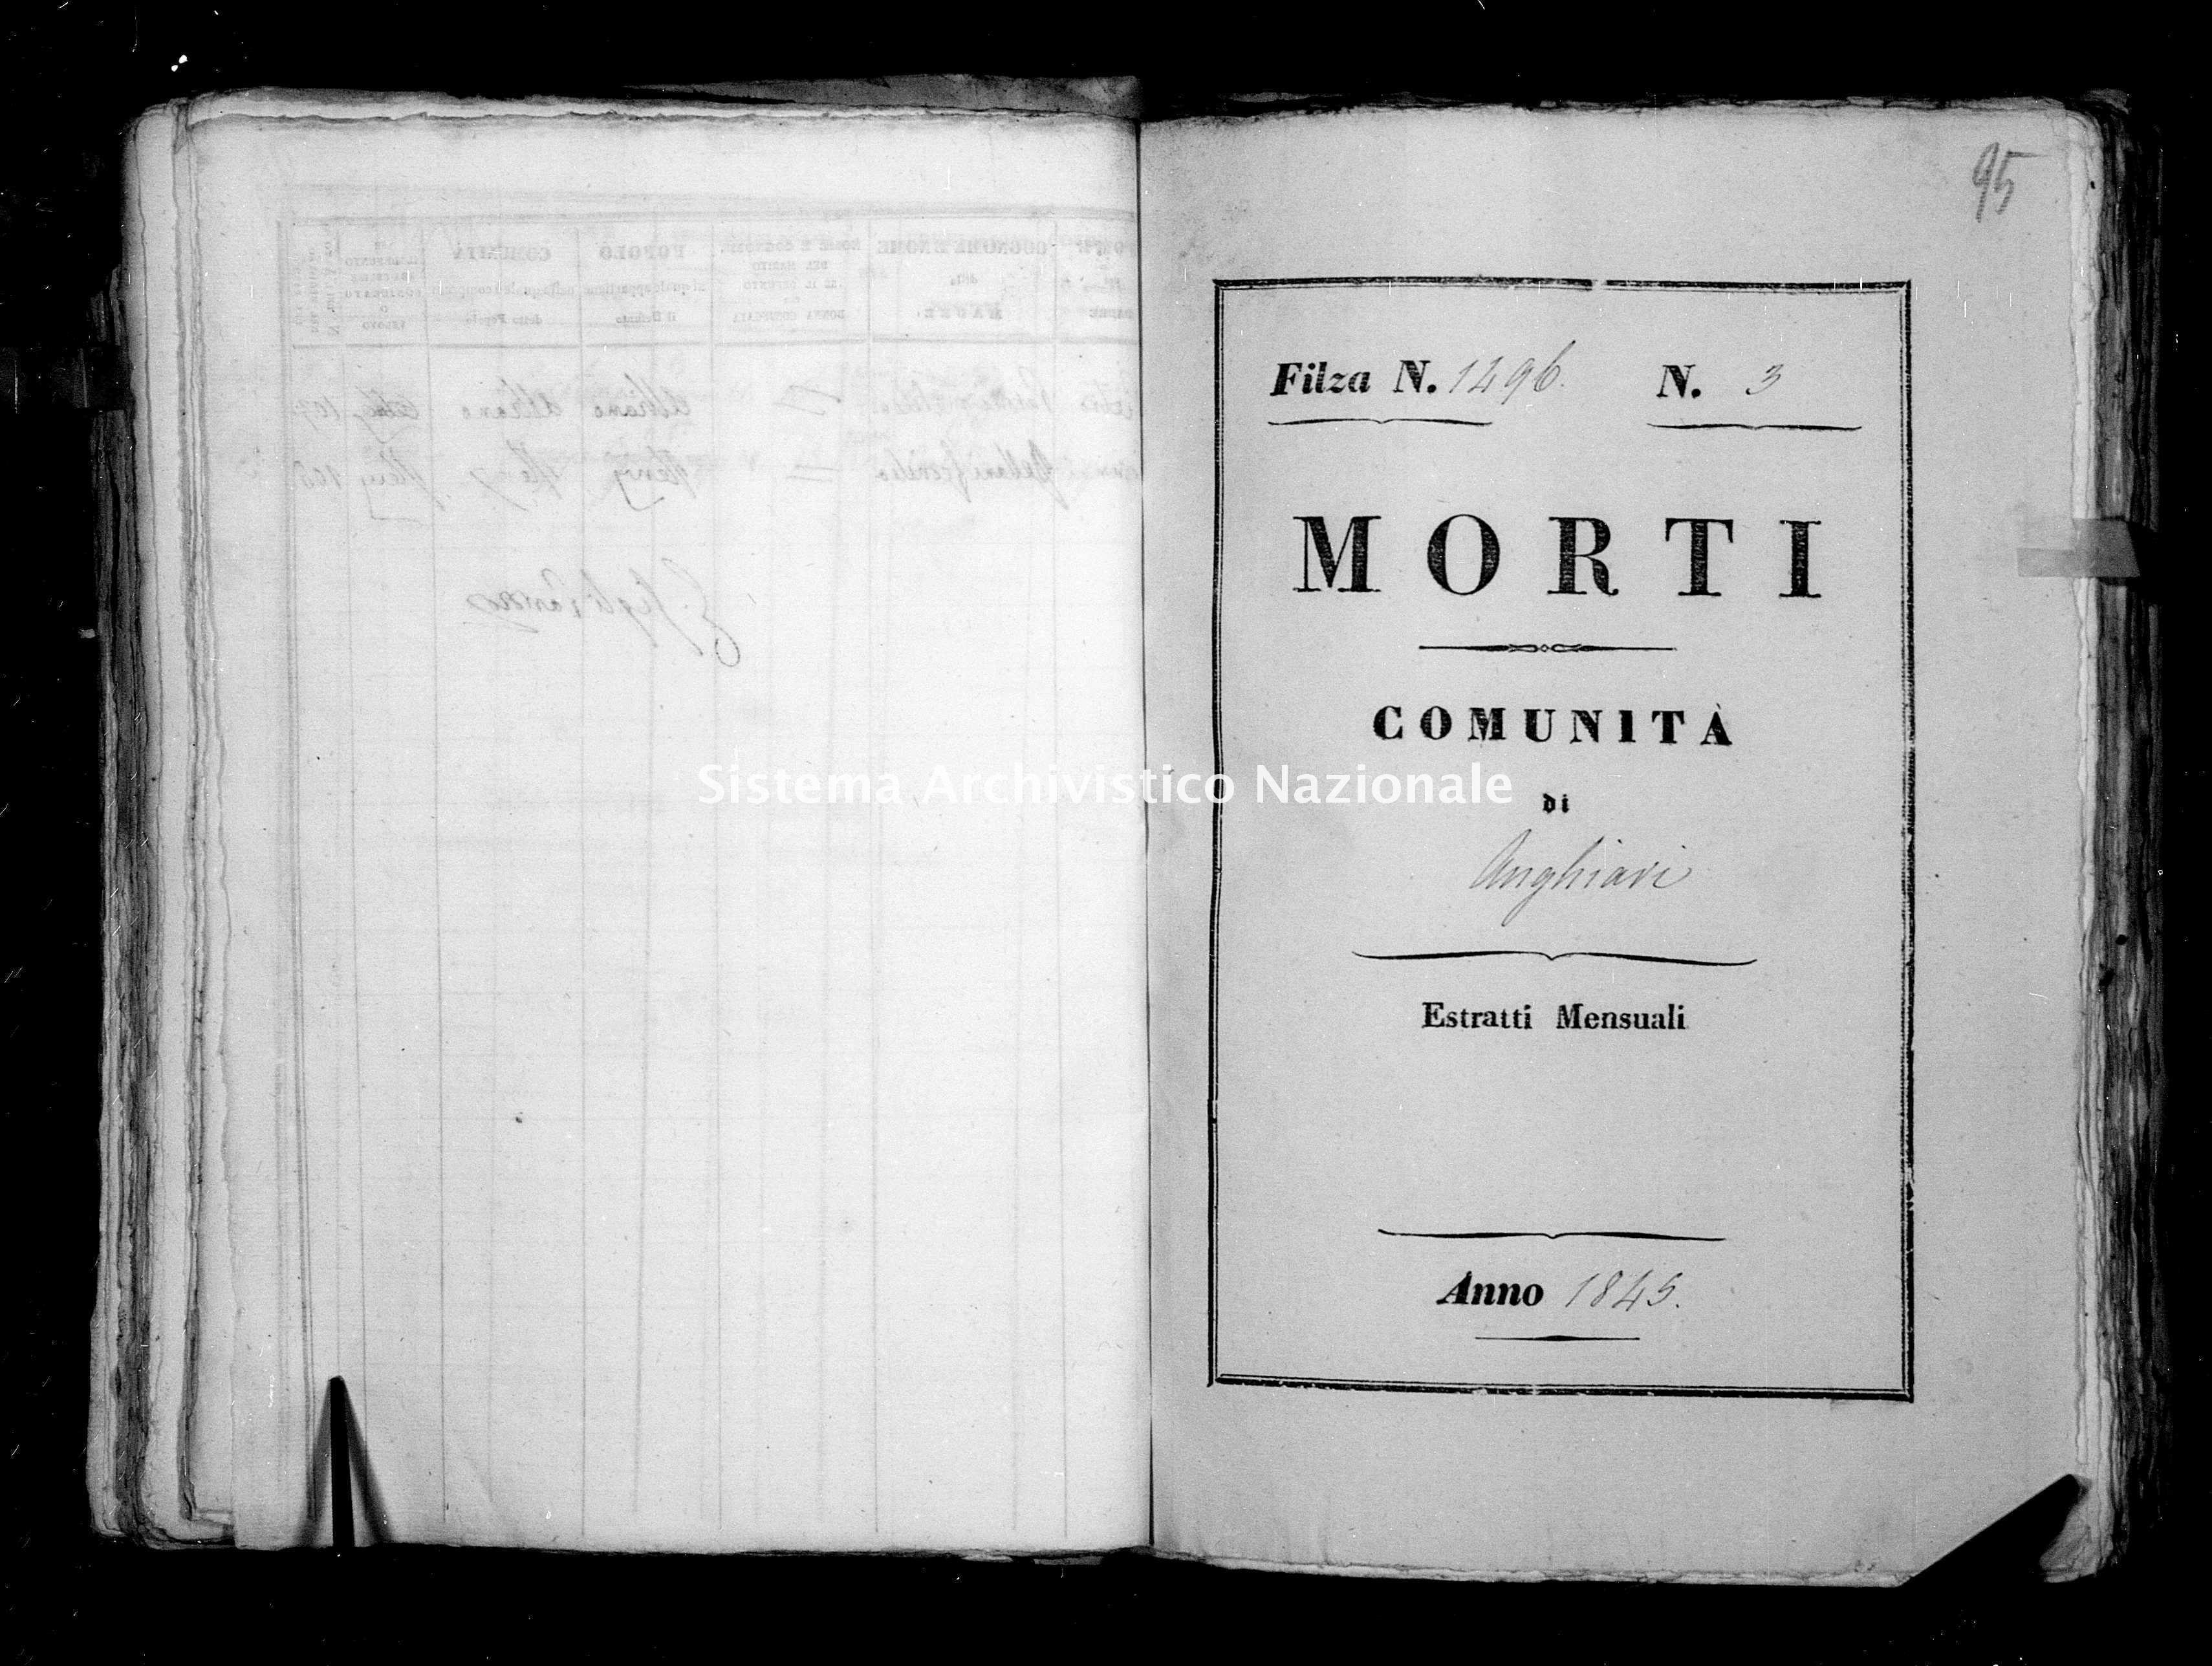 Archivio di stato di Firenze - Stato civile della restaurazione - Anghiari - Morti - 1845 - 1496 -